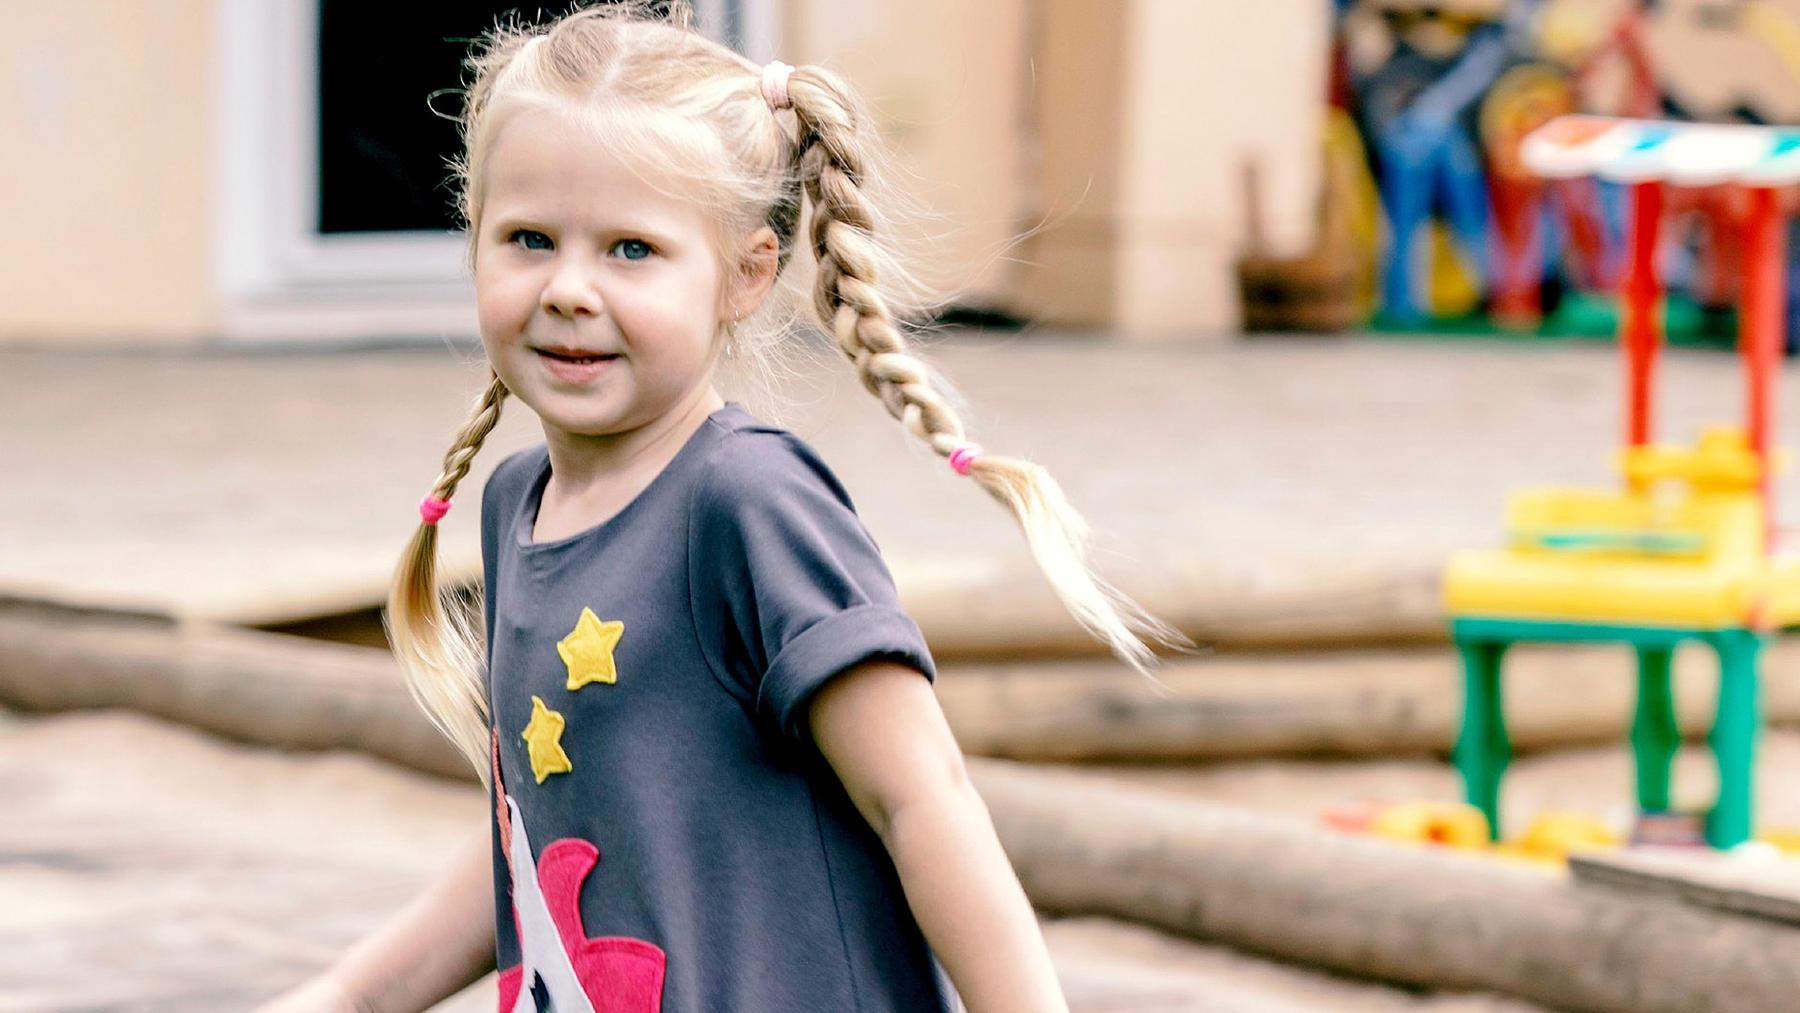 Die geheimnisvolle Welt der Kinder - Wir sind 4!